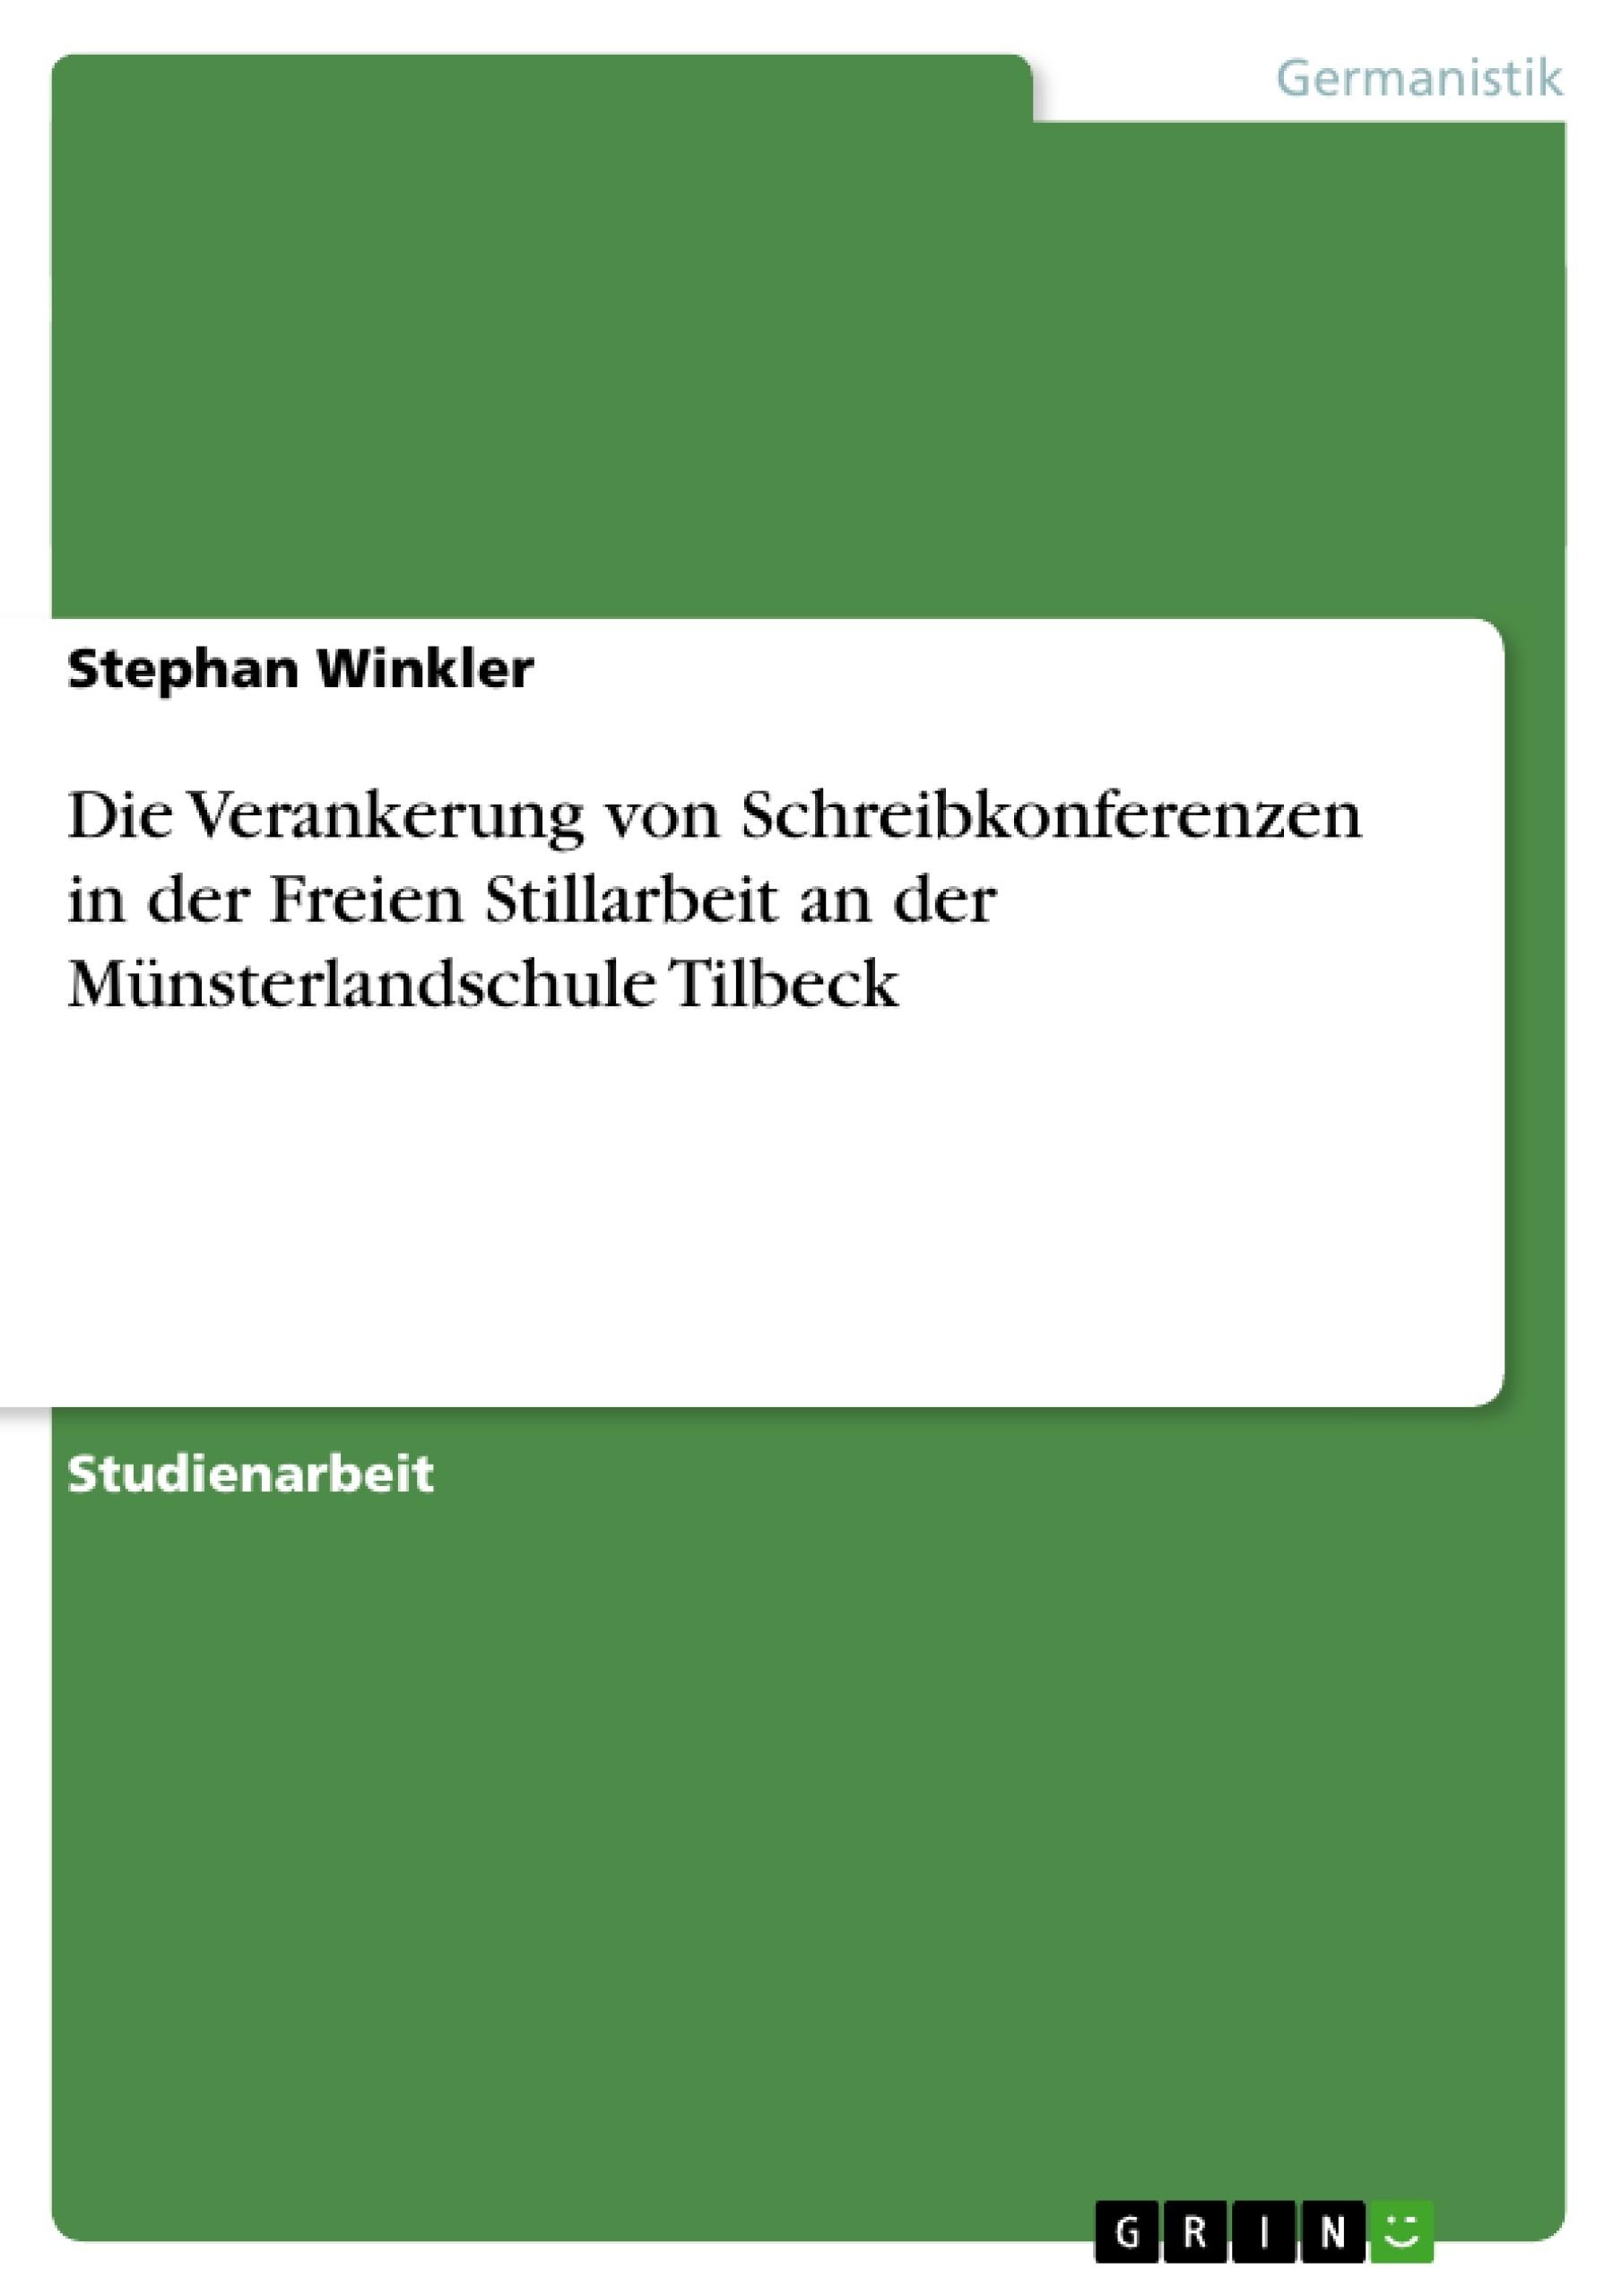 Titel: Die Verankerung von Schreibkonferenzen in der Freien Stillarbeit an der Münsterlandschule Tilbeck